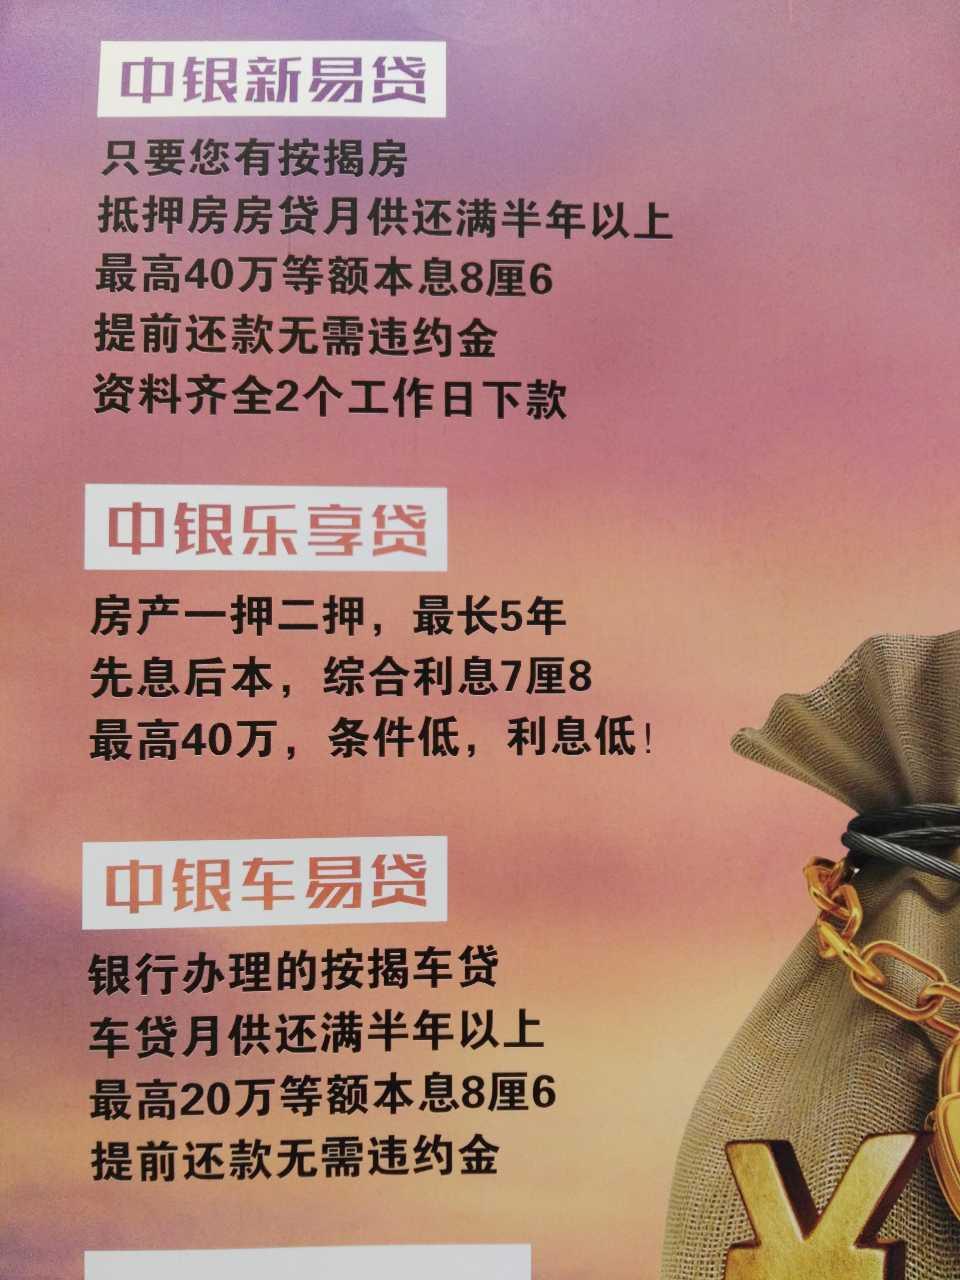 来自祁鹏发布的供应信息:⭕ 中国银行消费贷~青岛 ⭕ 只要您有按... - 青岛朗迈中银消费